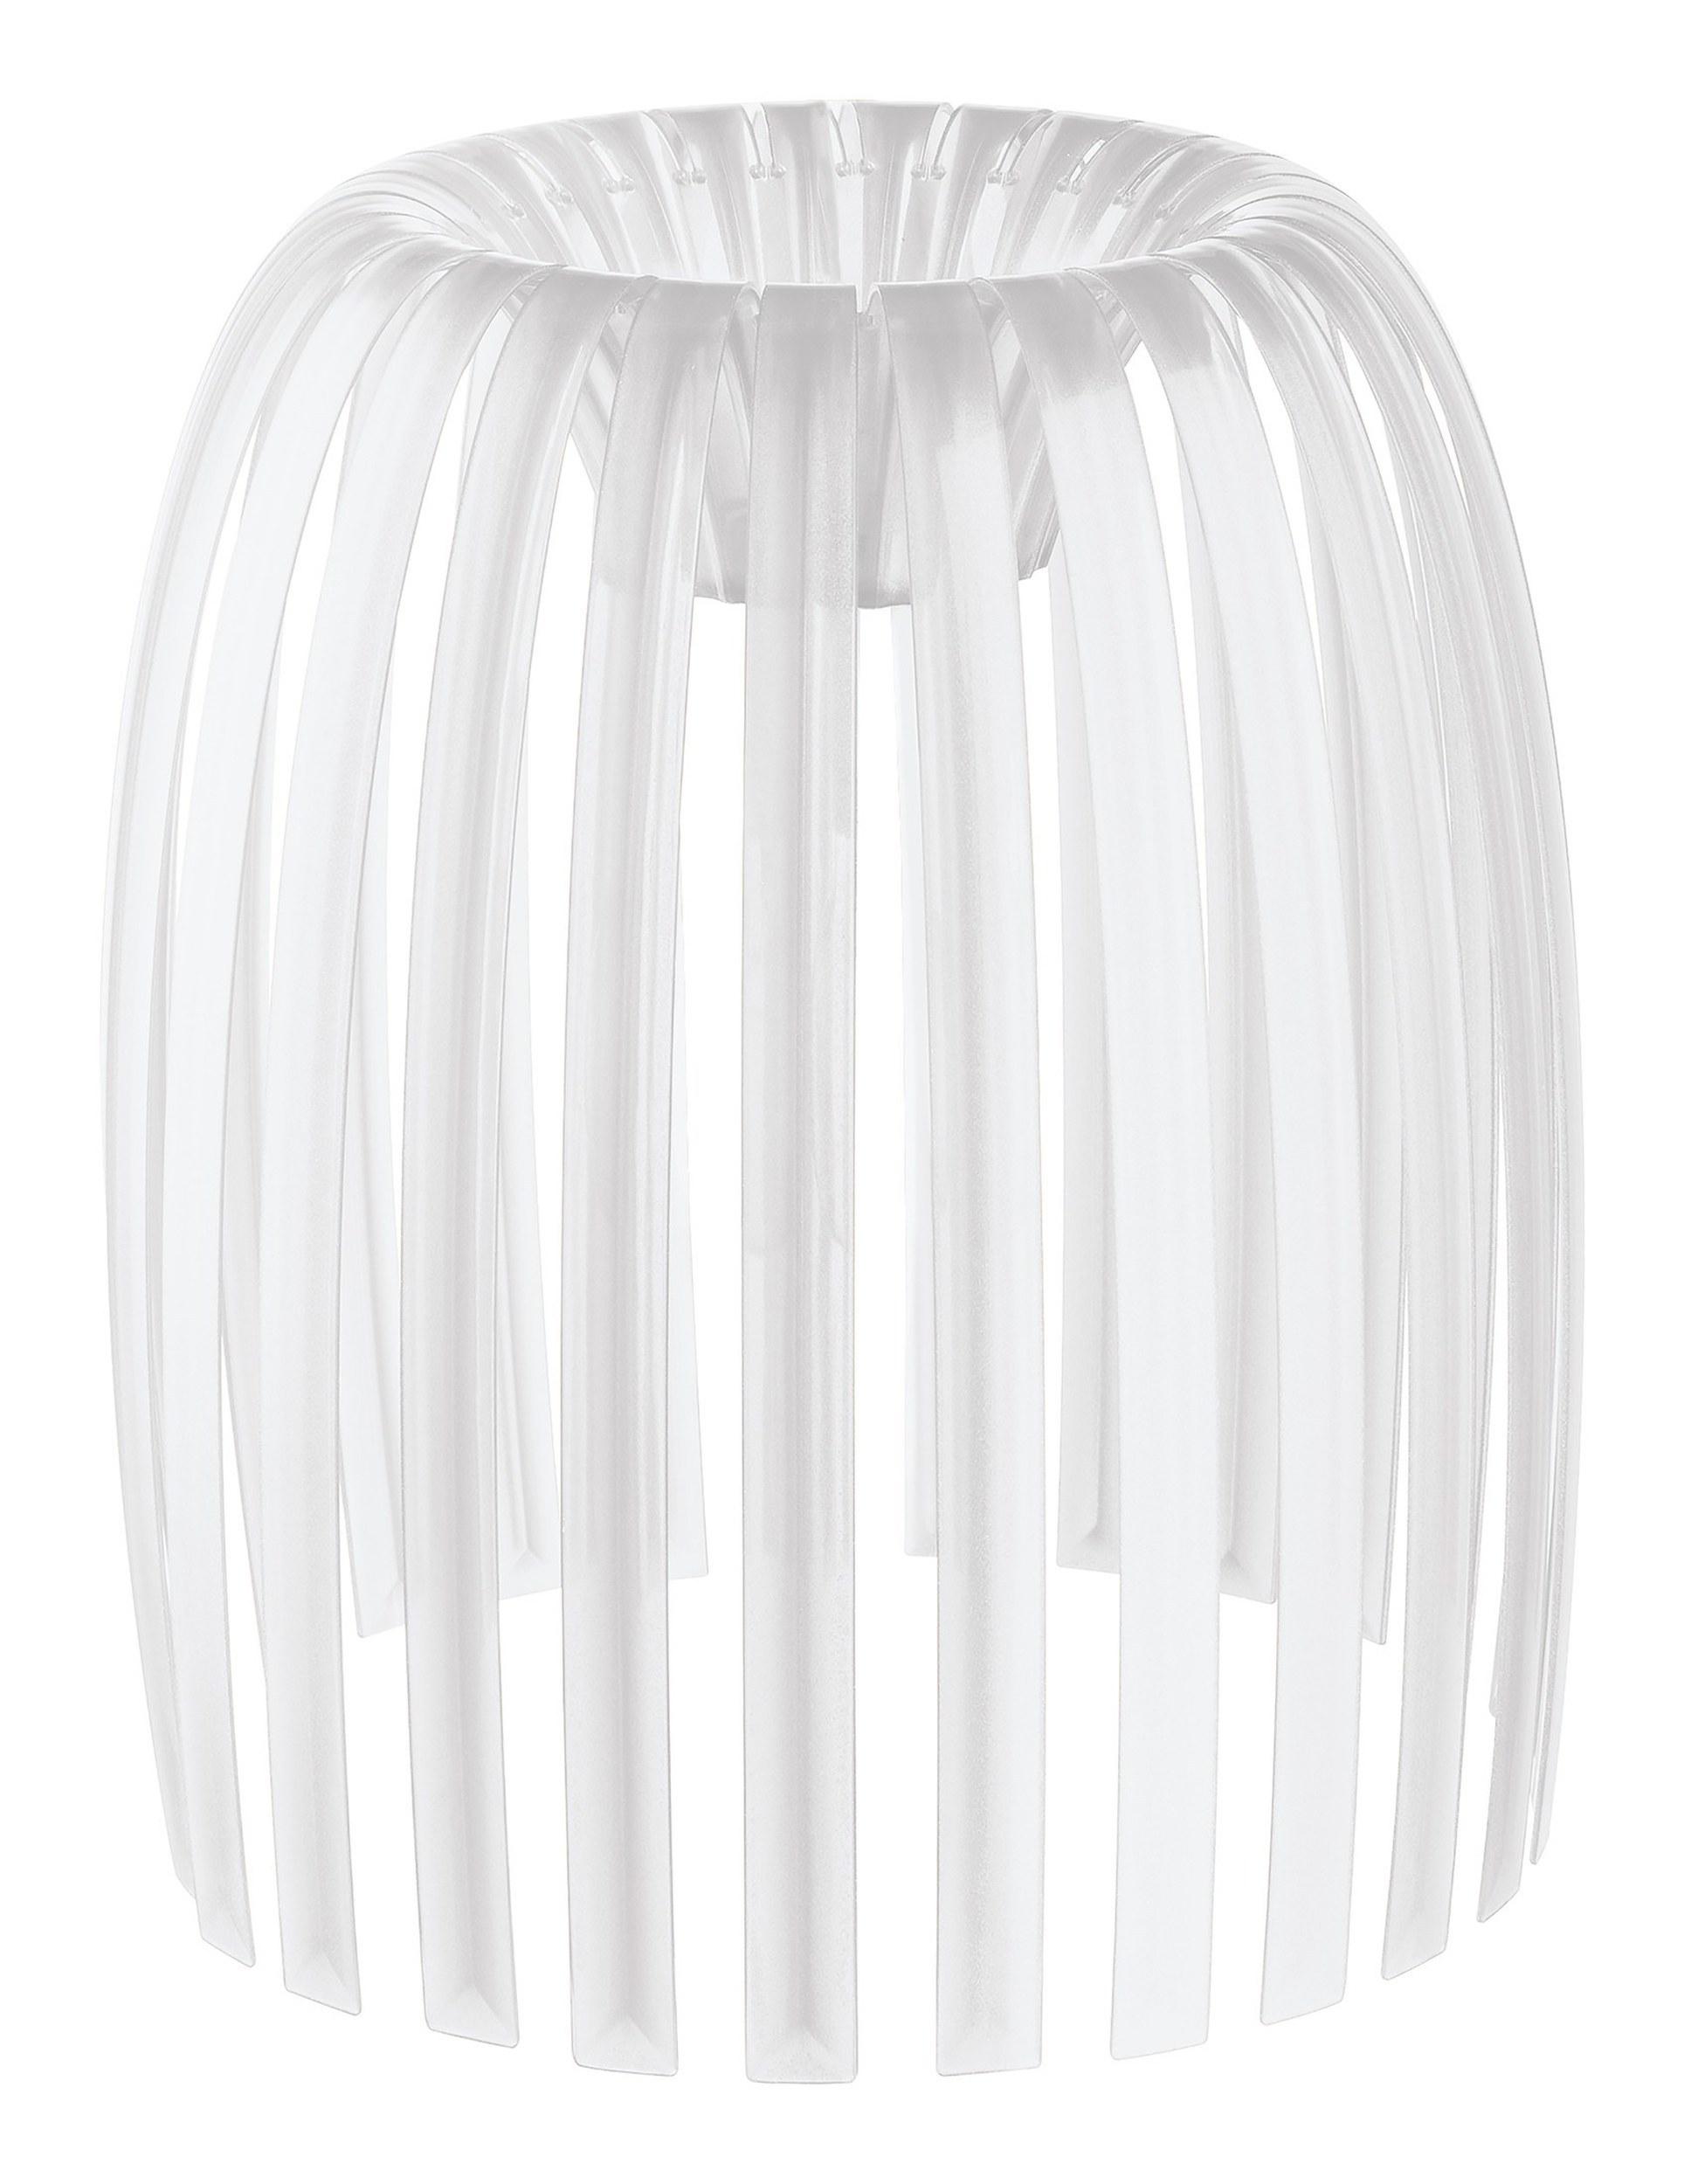 Lampa Josephine M 2.0 nieprzezroczysta biała